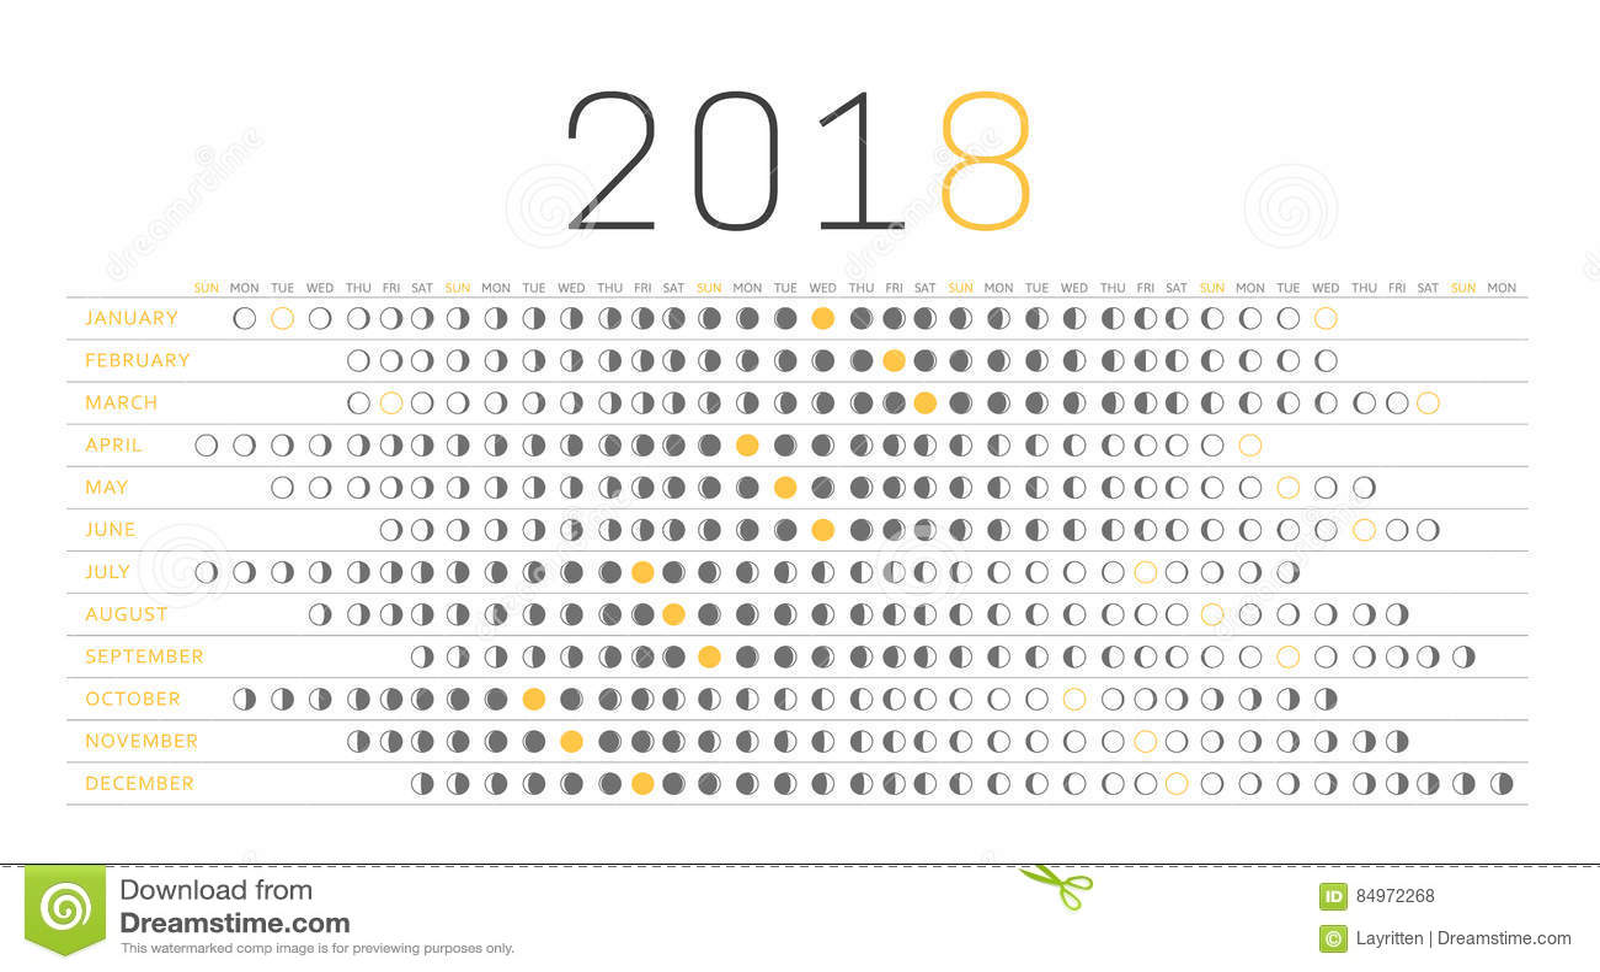 Calendario 2018 della luna illustrazione vettoriale ...